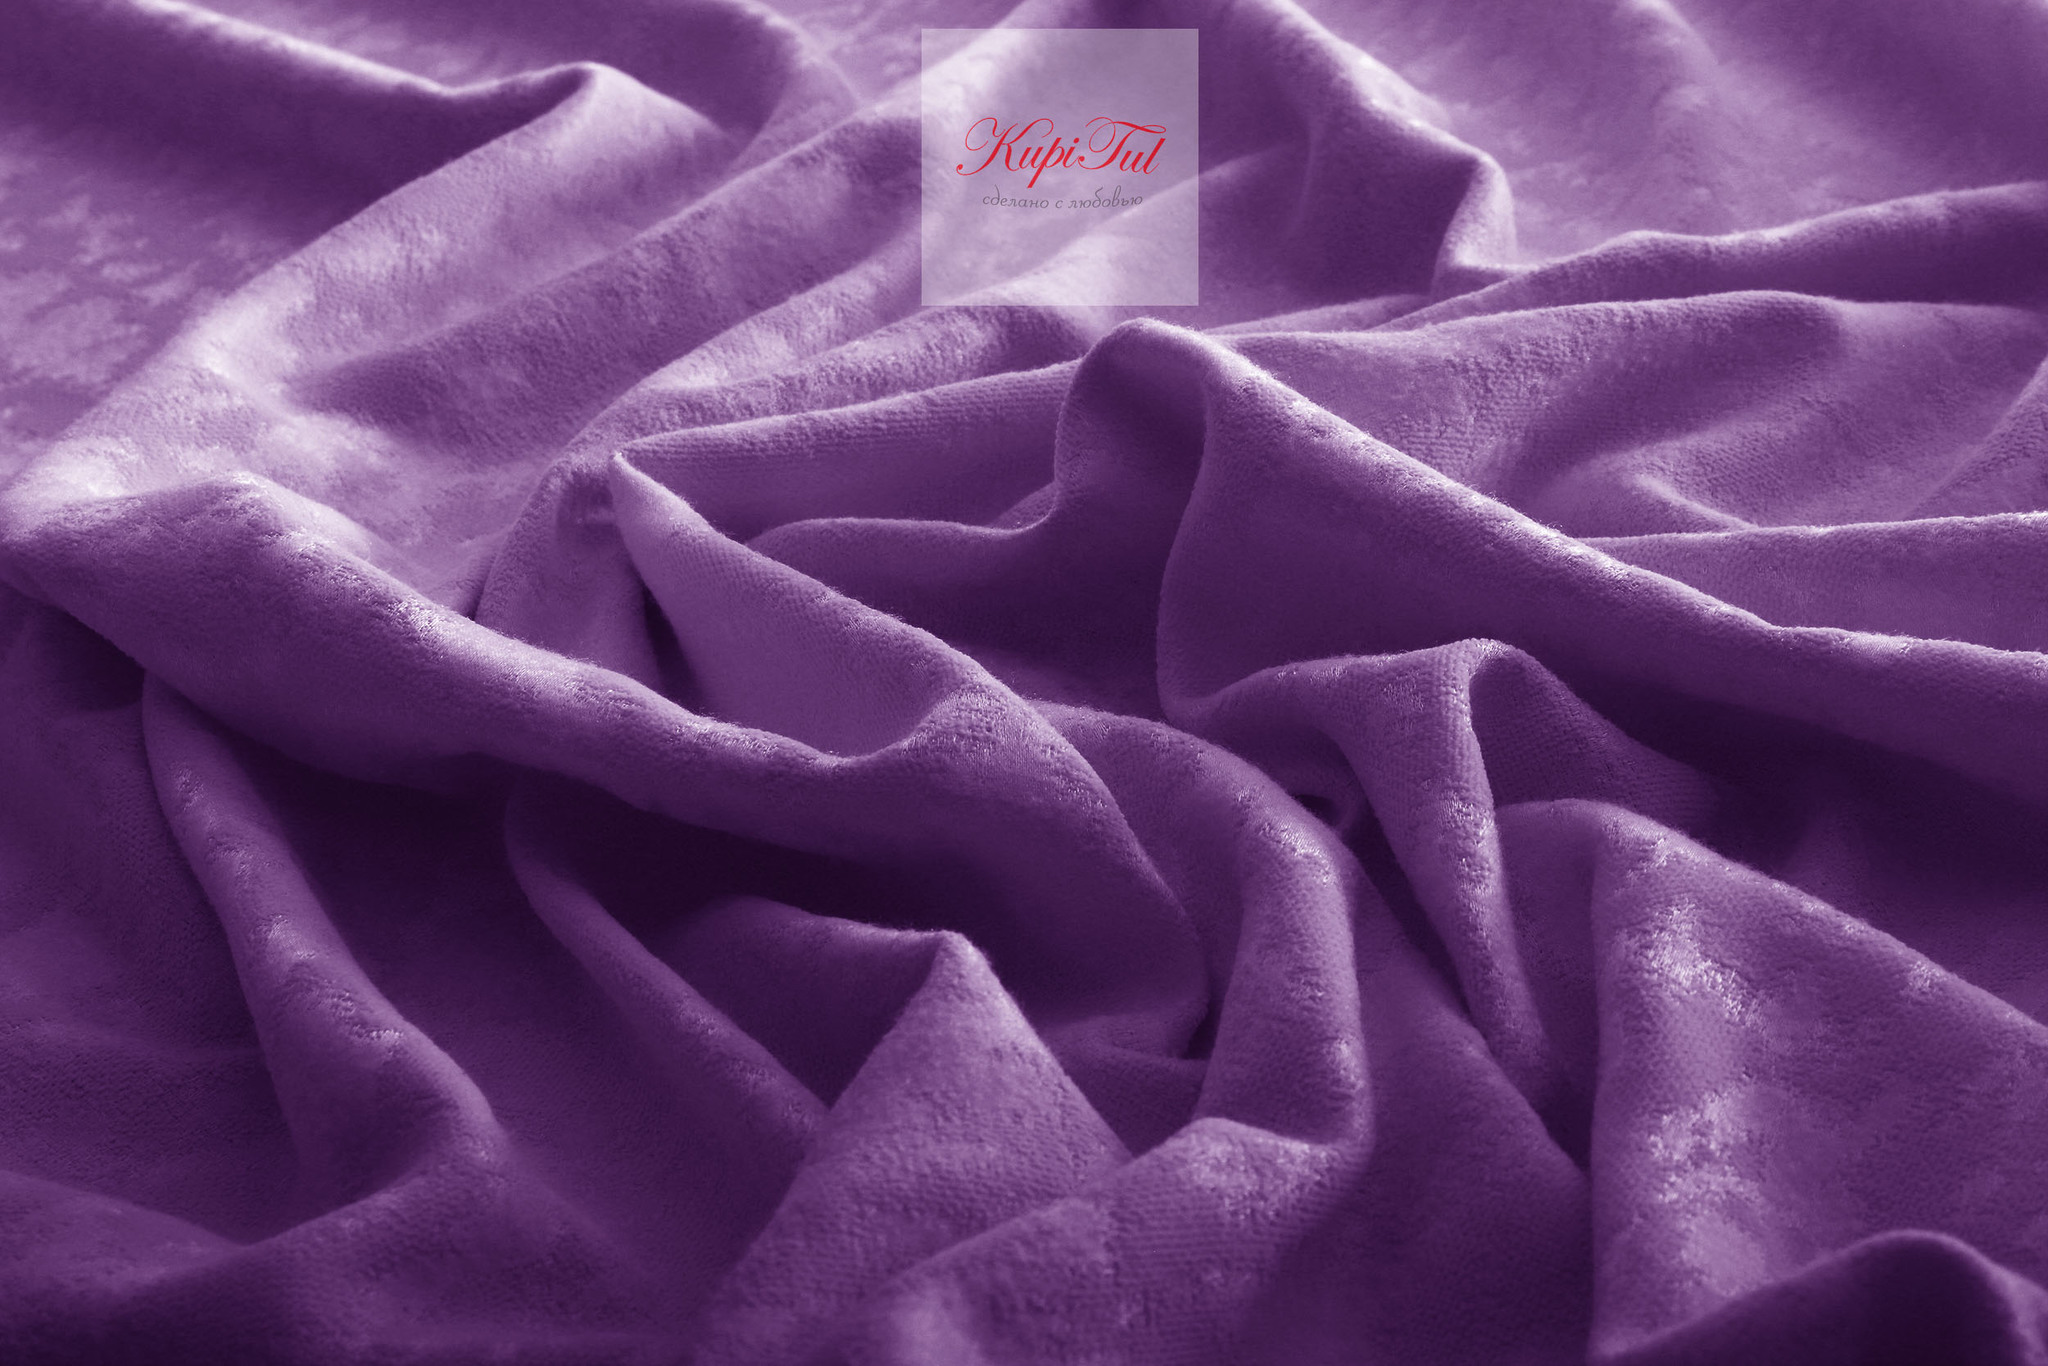 Комплект штор Луи (фиолетовый). Шторы из стриженного бархата.